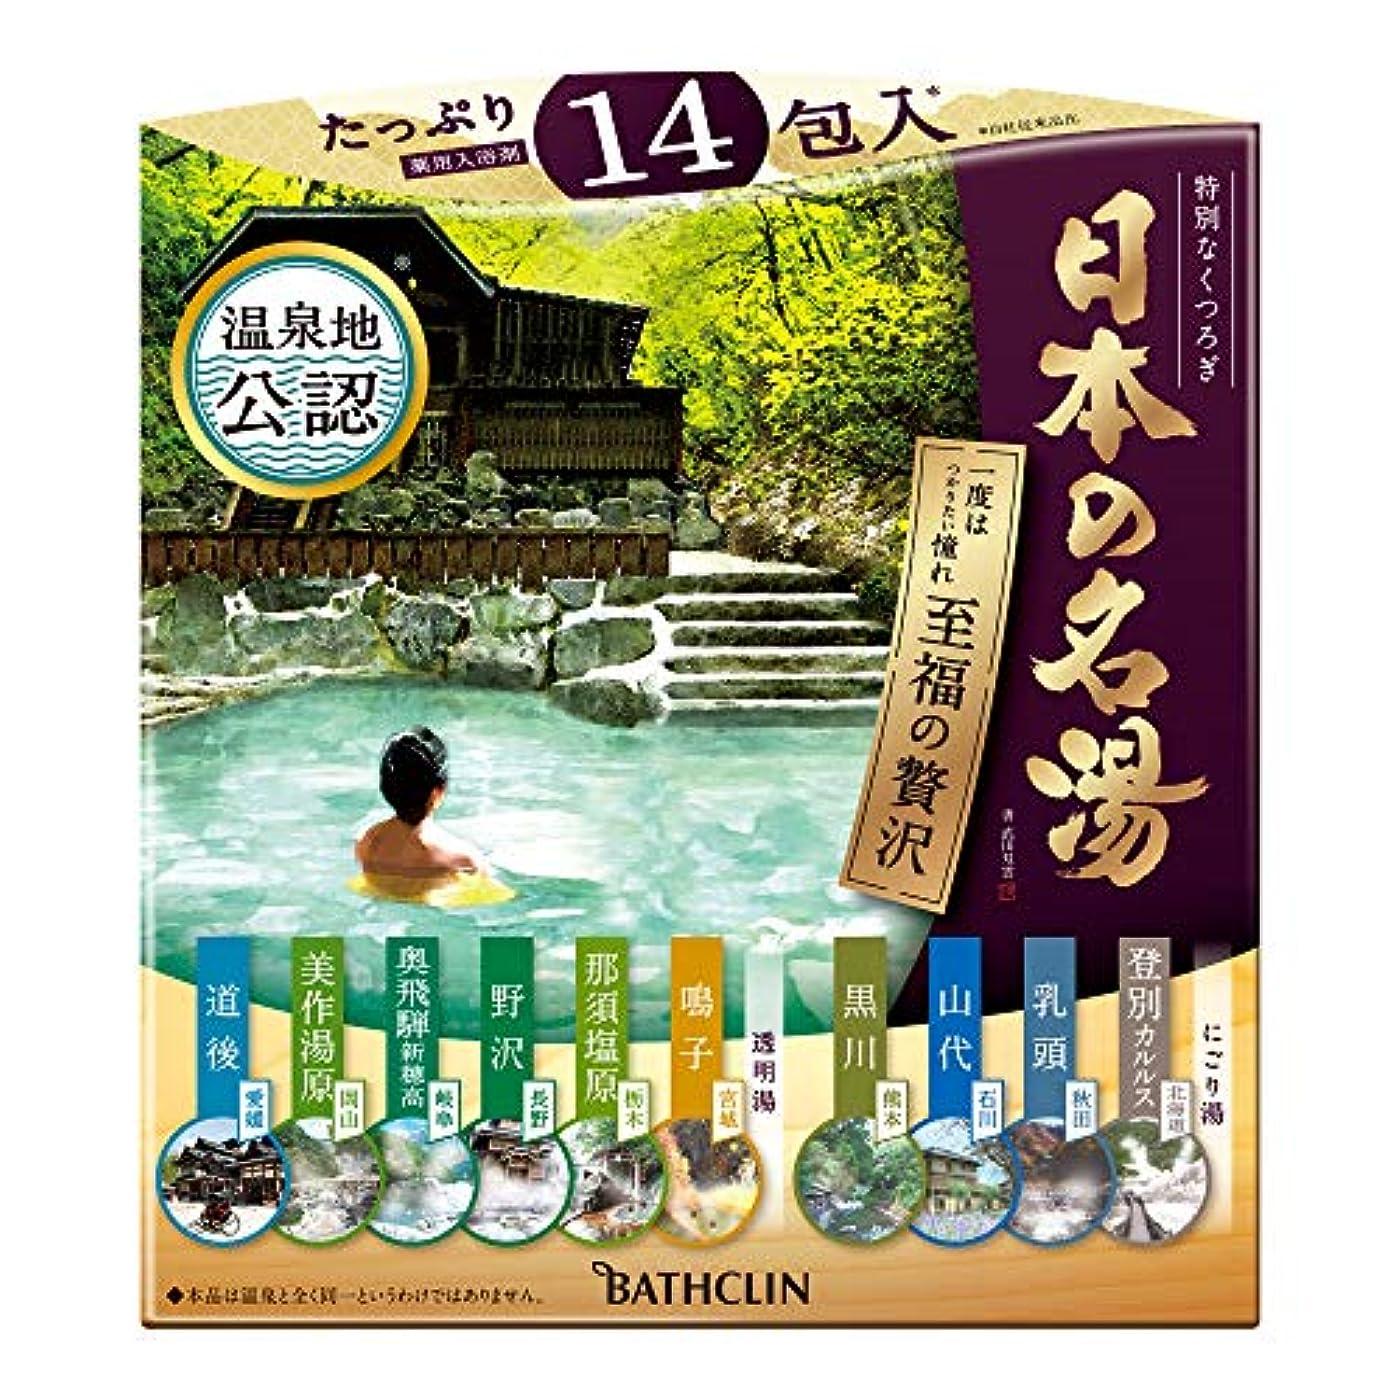 名義でドライ修理工【医薬部外品】バスクリン 日本の名湯 入浴剤 至福の贅沢 30g×14包 個包装詰め合わせ 温泉タイプ